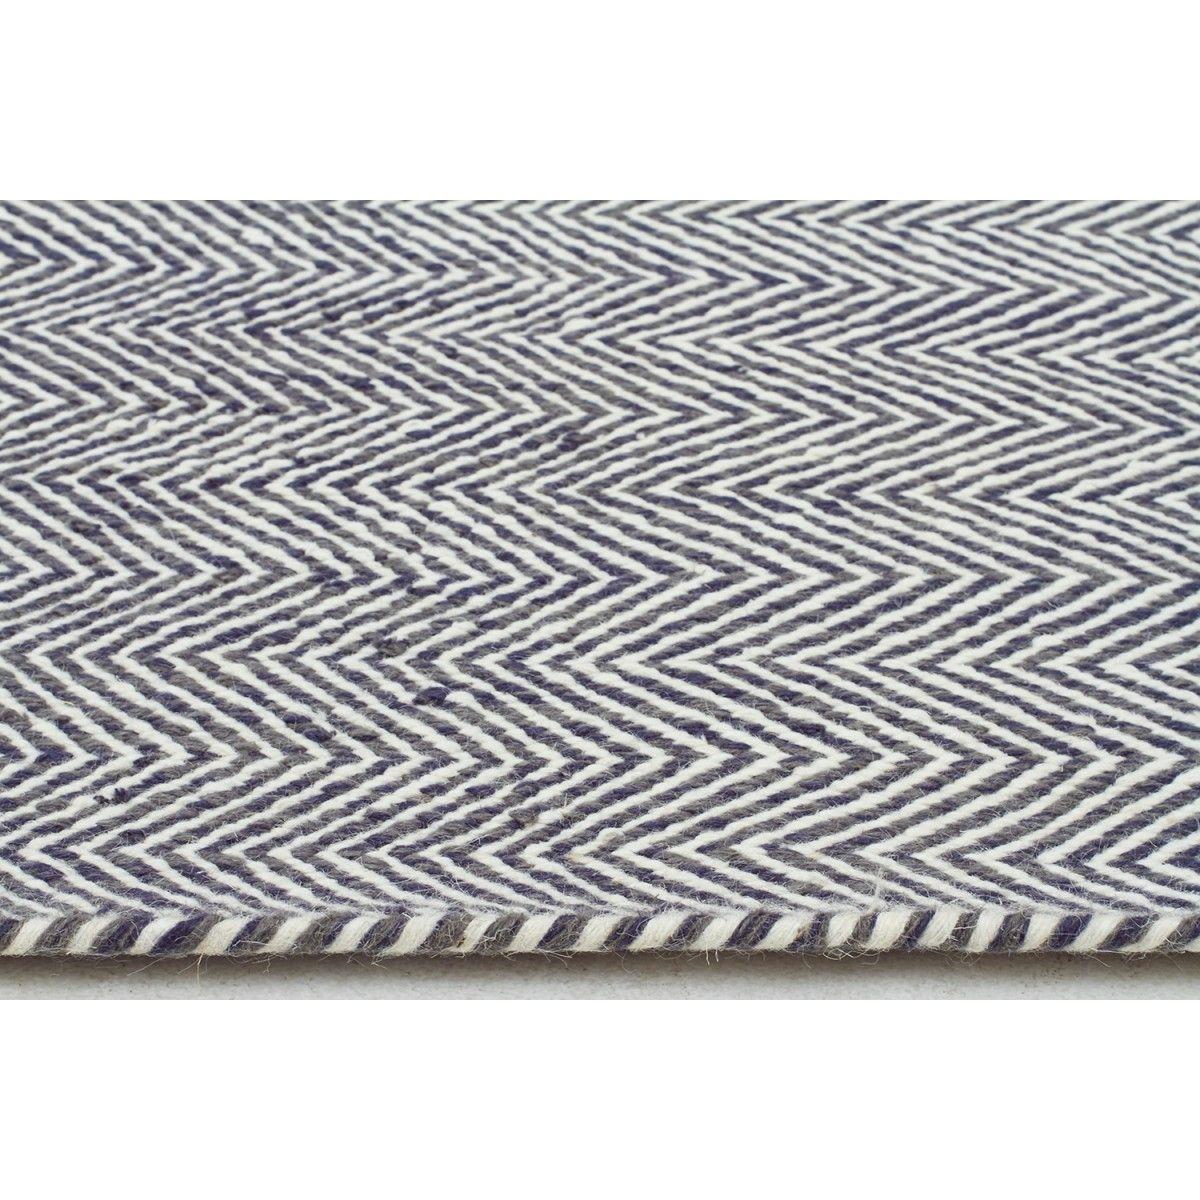 Mölle Blue Grey Herringbone Wool Flatweave Rug